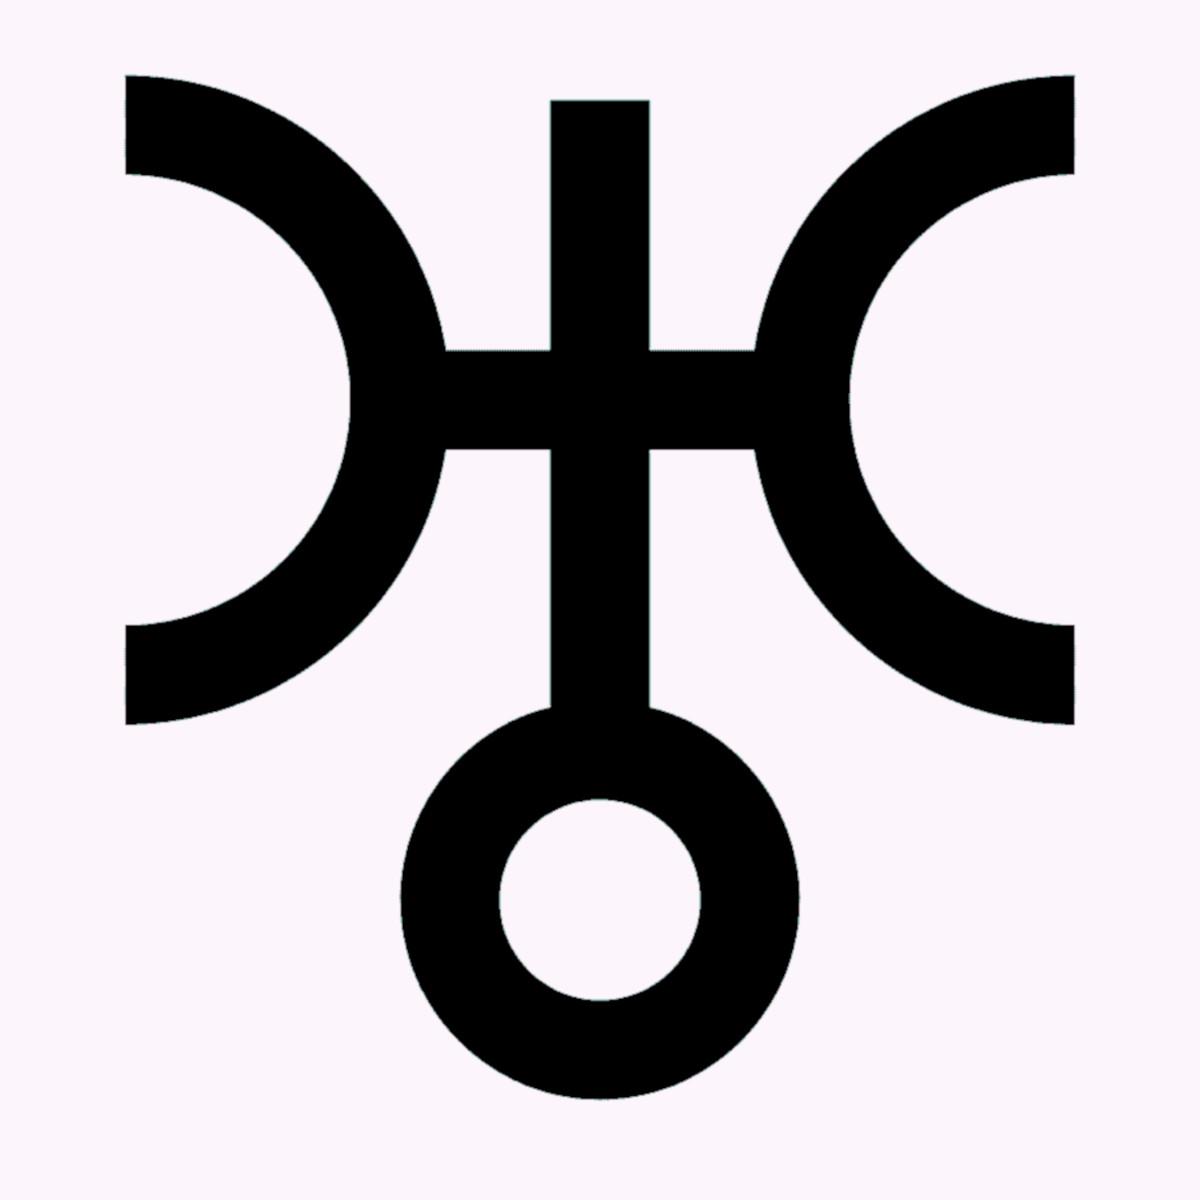 Астрологический символ Урана